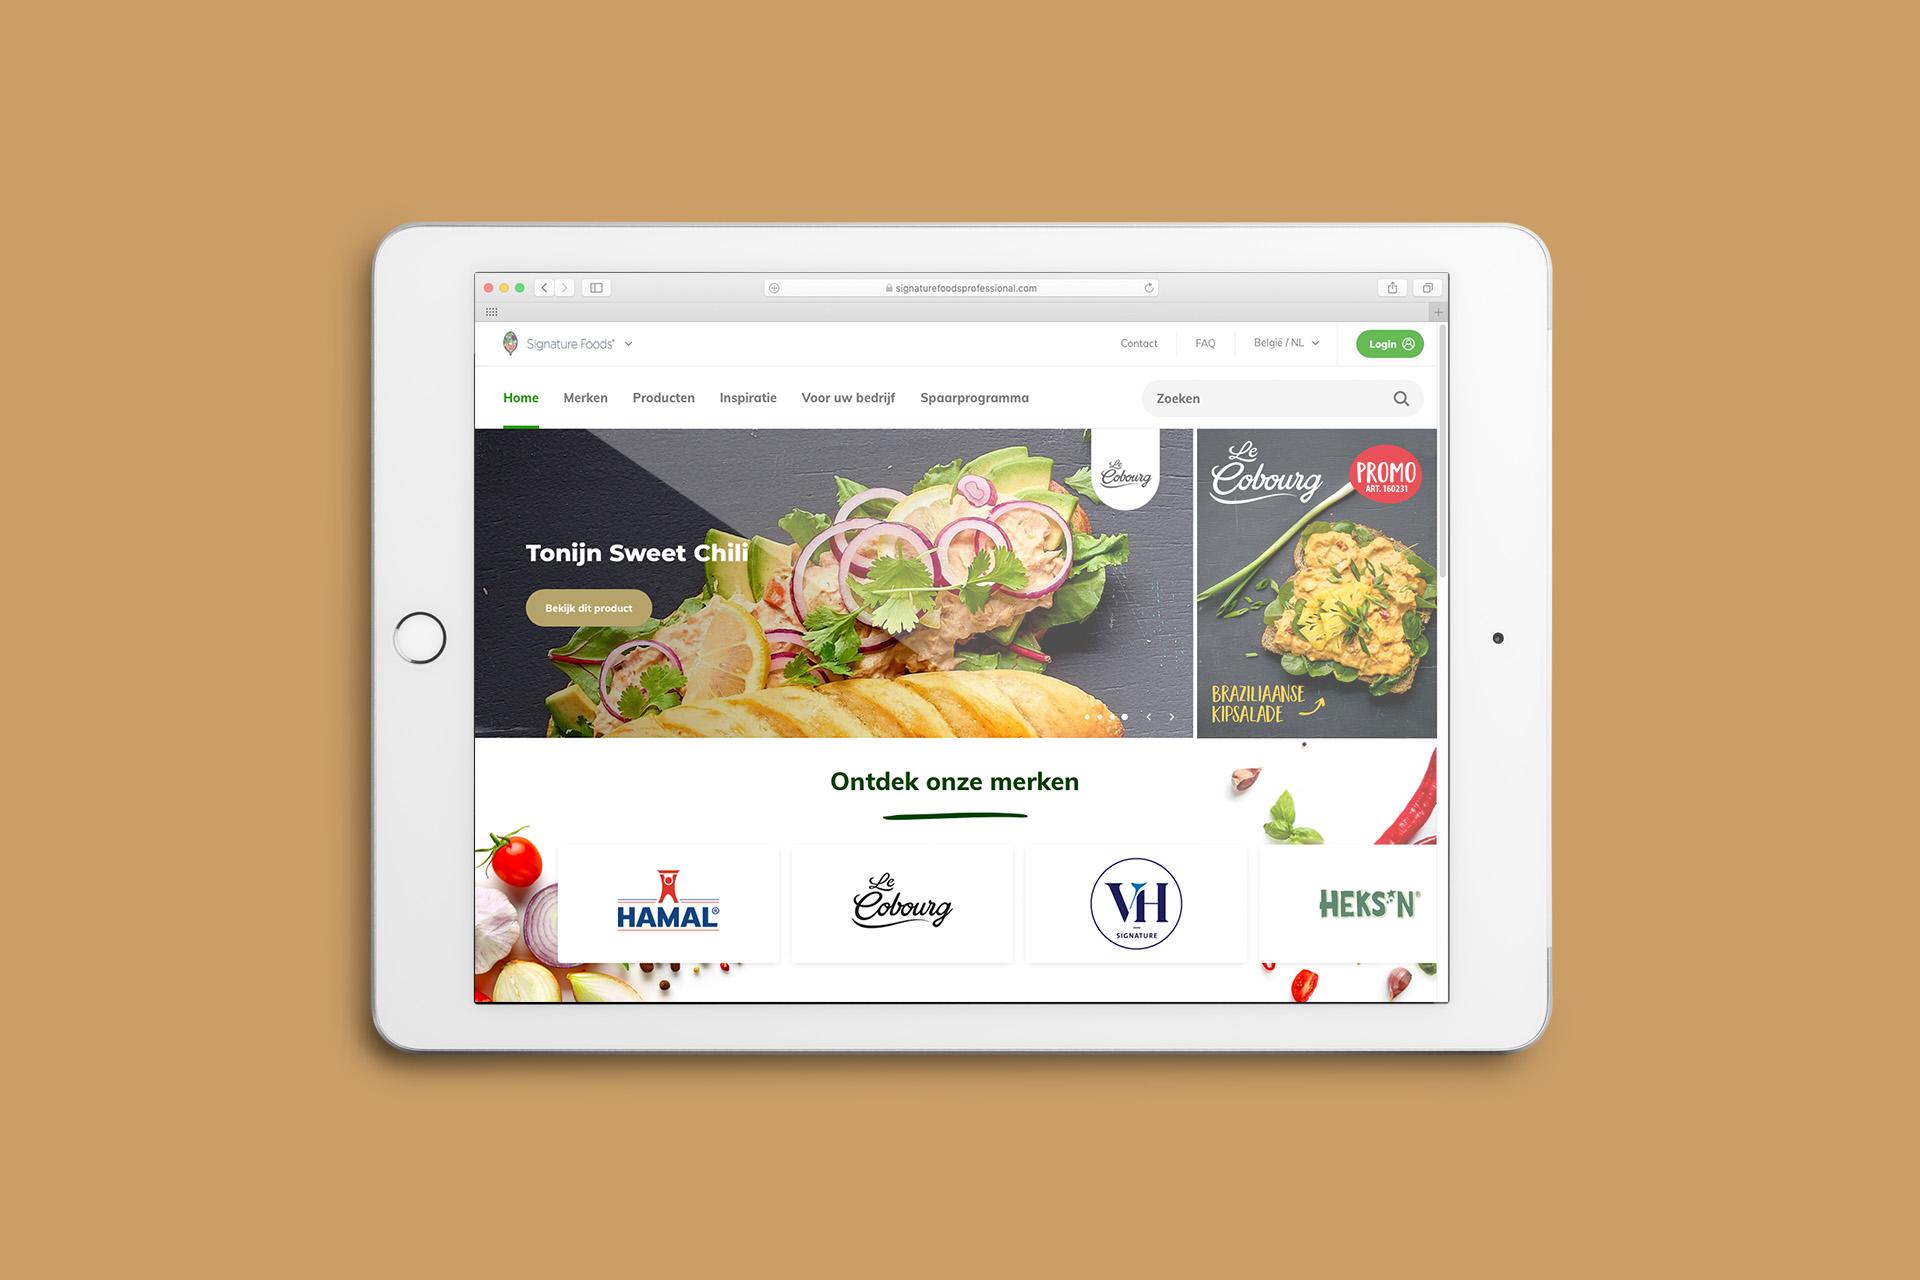 Le cobourg branding & packaging design by DesignRepublic, Belgium